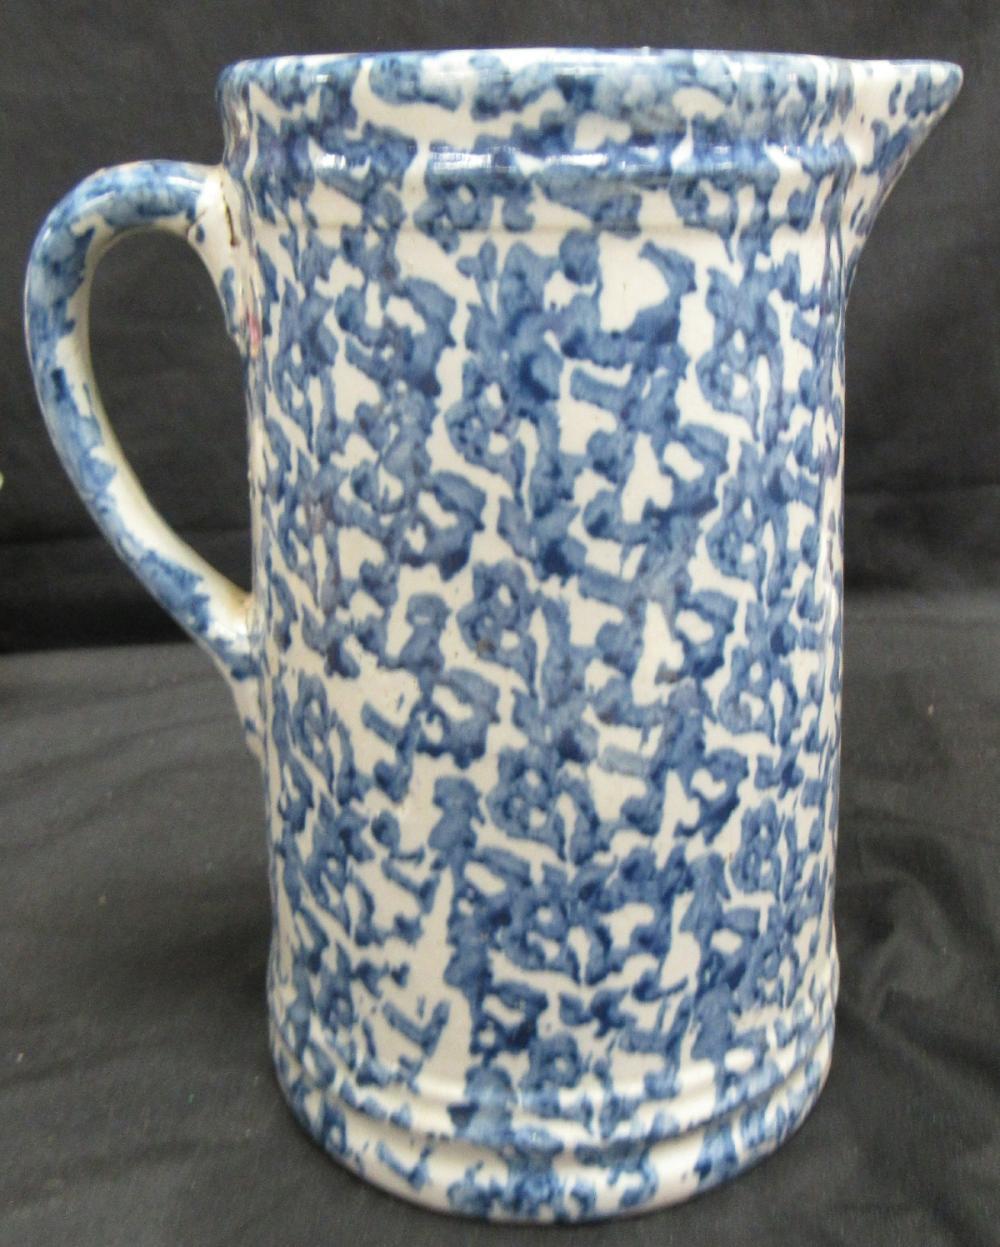 """Antique 9"""" Blue & White Spongeware / Splatterware / Stoneware Pitcher"""